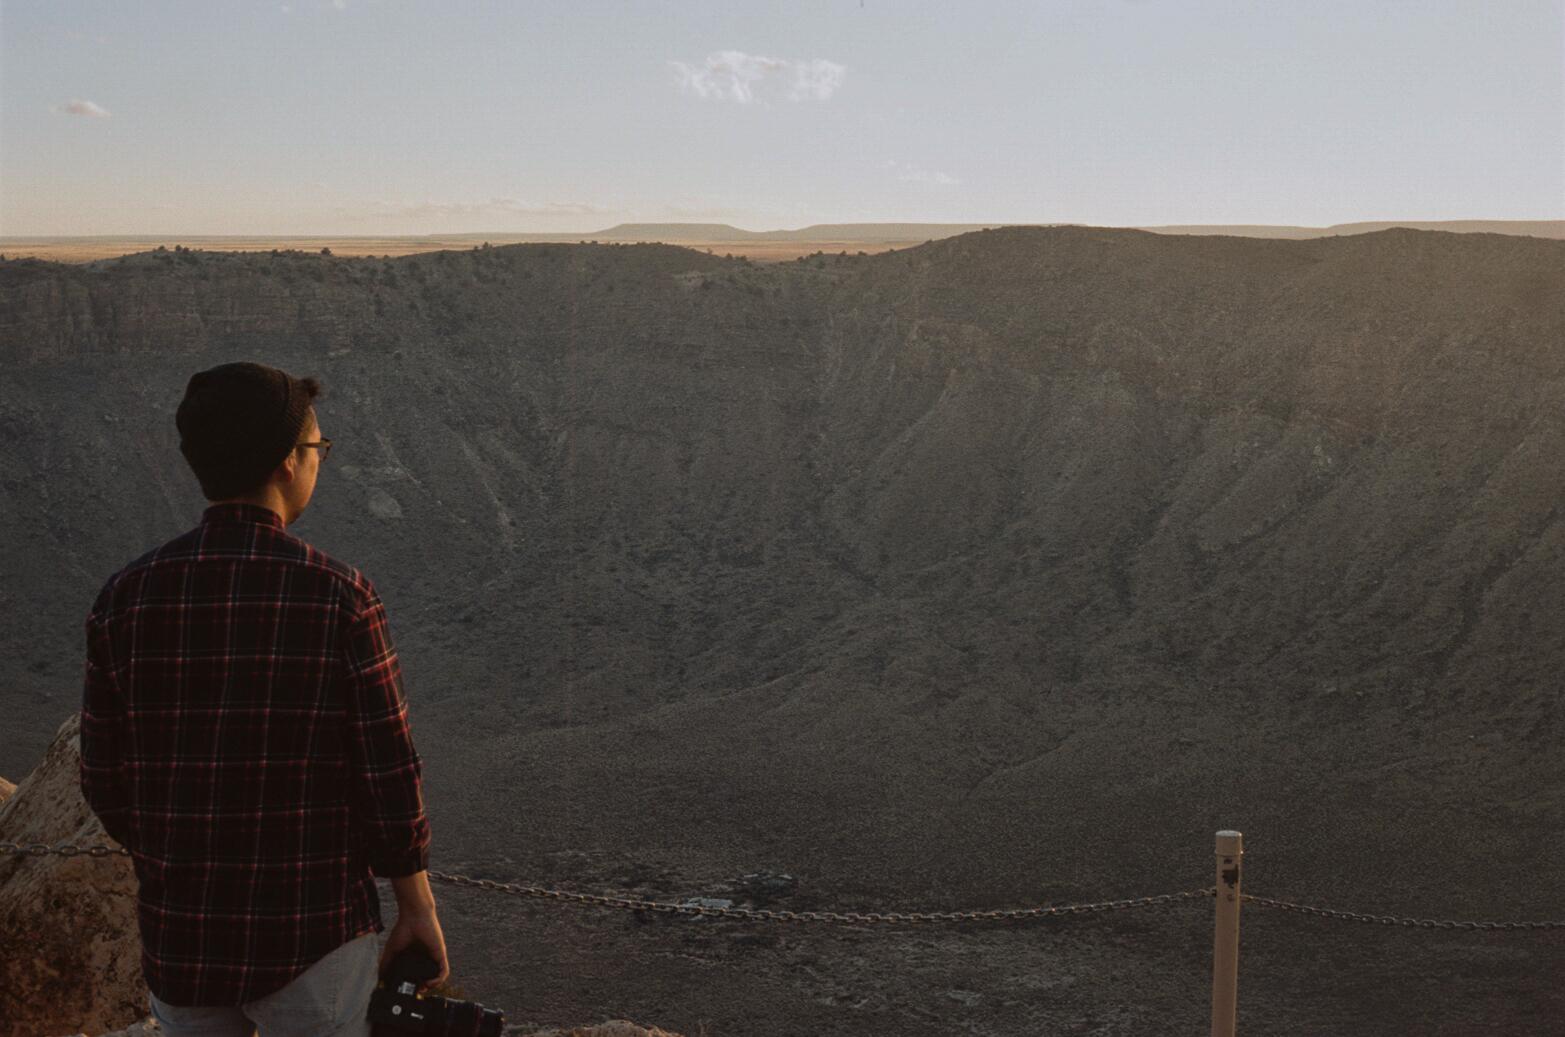 road-trip-arizona-meteor-crater-anderson-portra-160-1